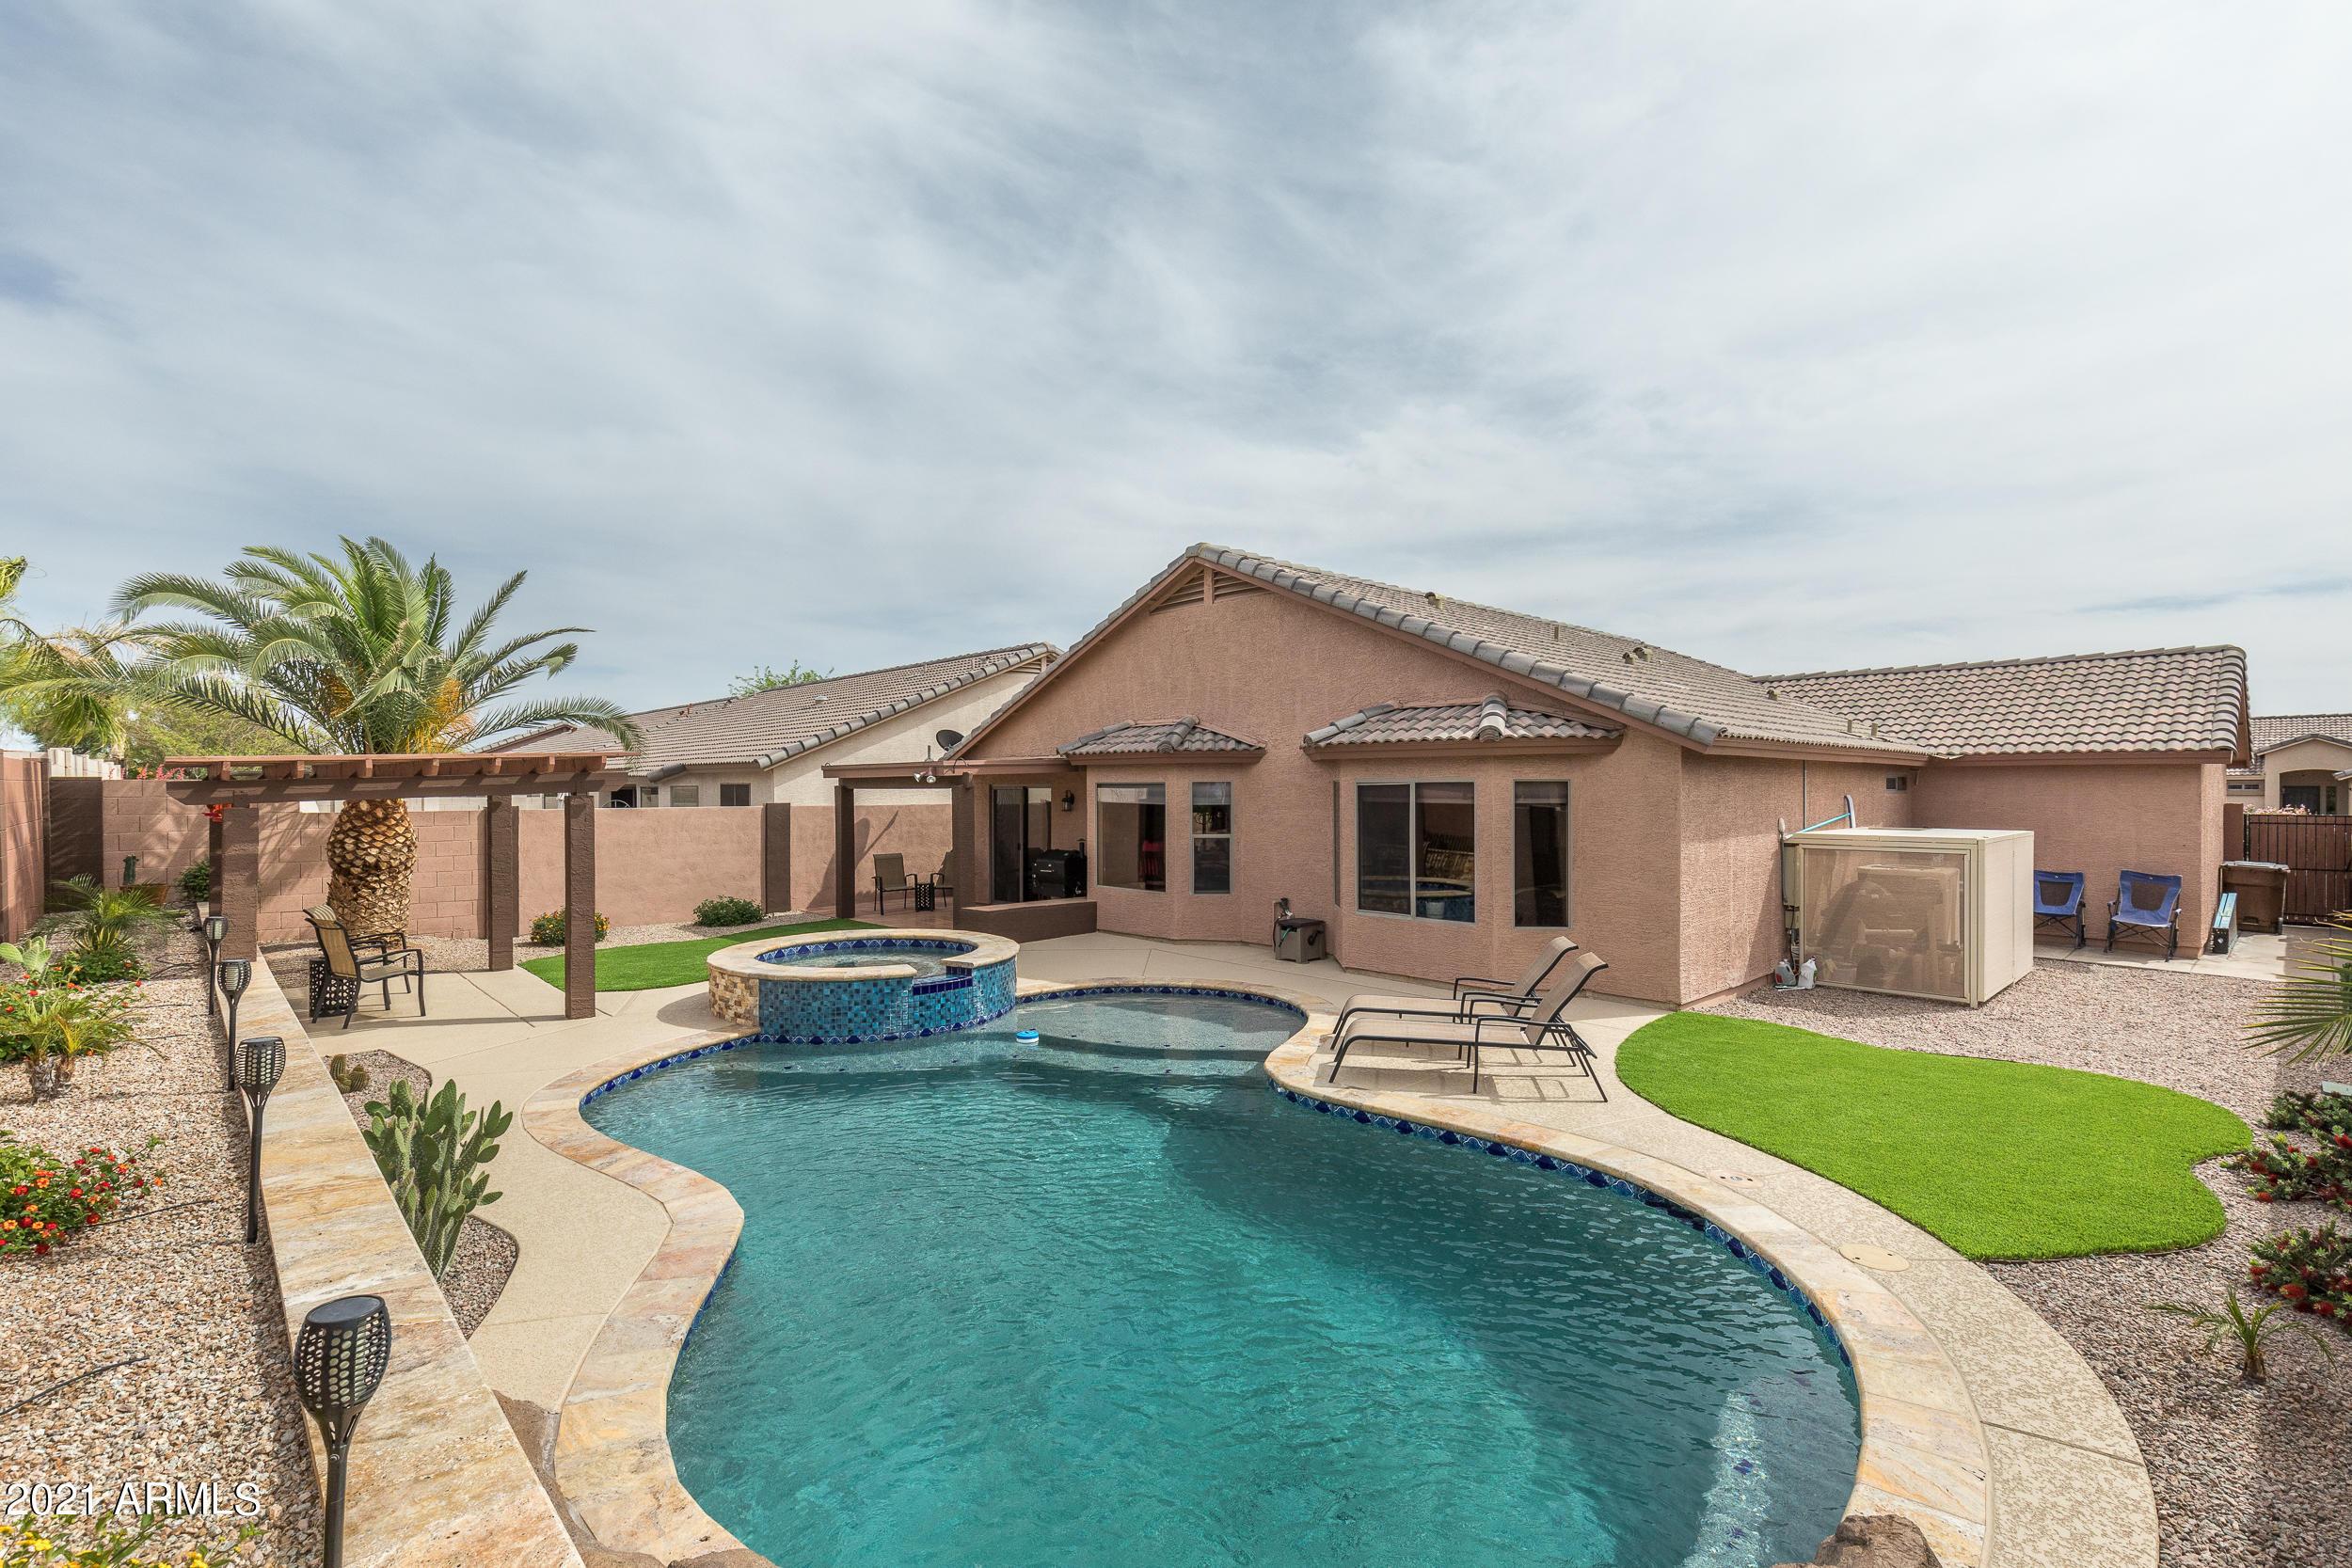 8776 E BRILLIANT SKY Circle, Gold Canyon, AZ 85118, 4 Bedrooms Bedrooms, ,Residential,For Sale,8776 E BRILLIANT SKY Circle,6222166